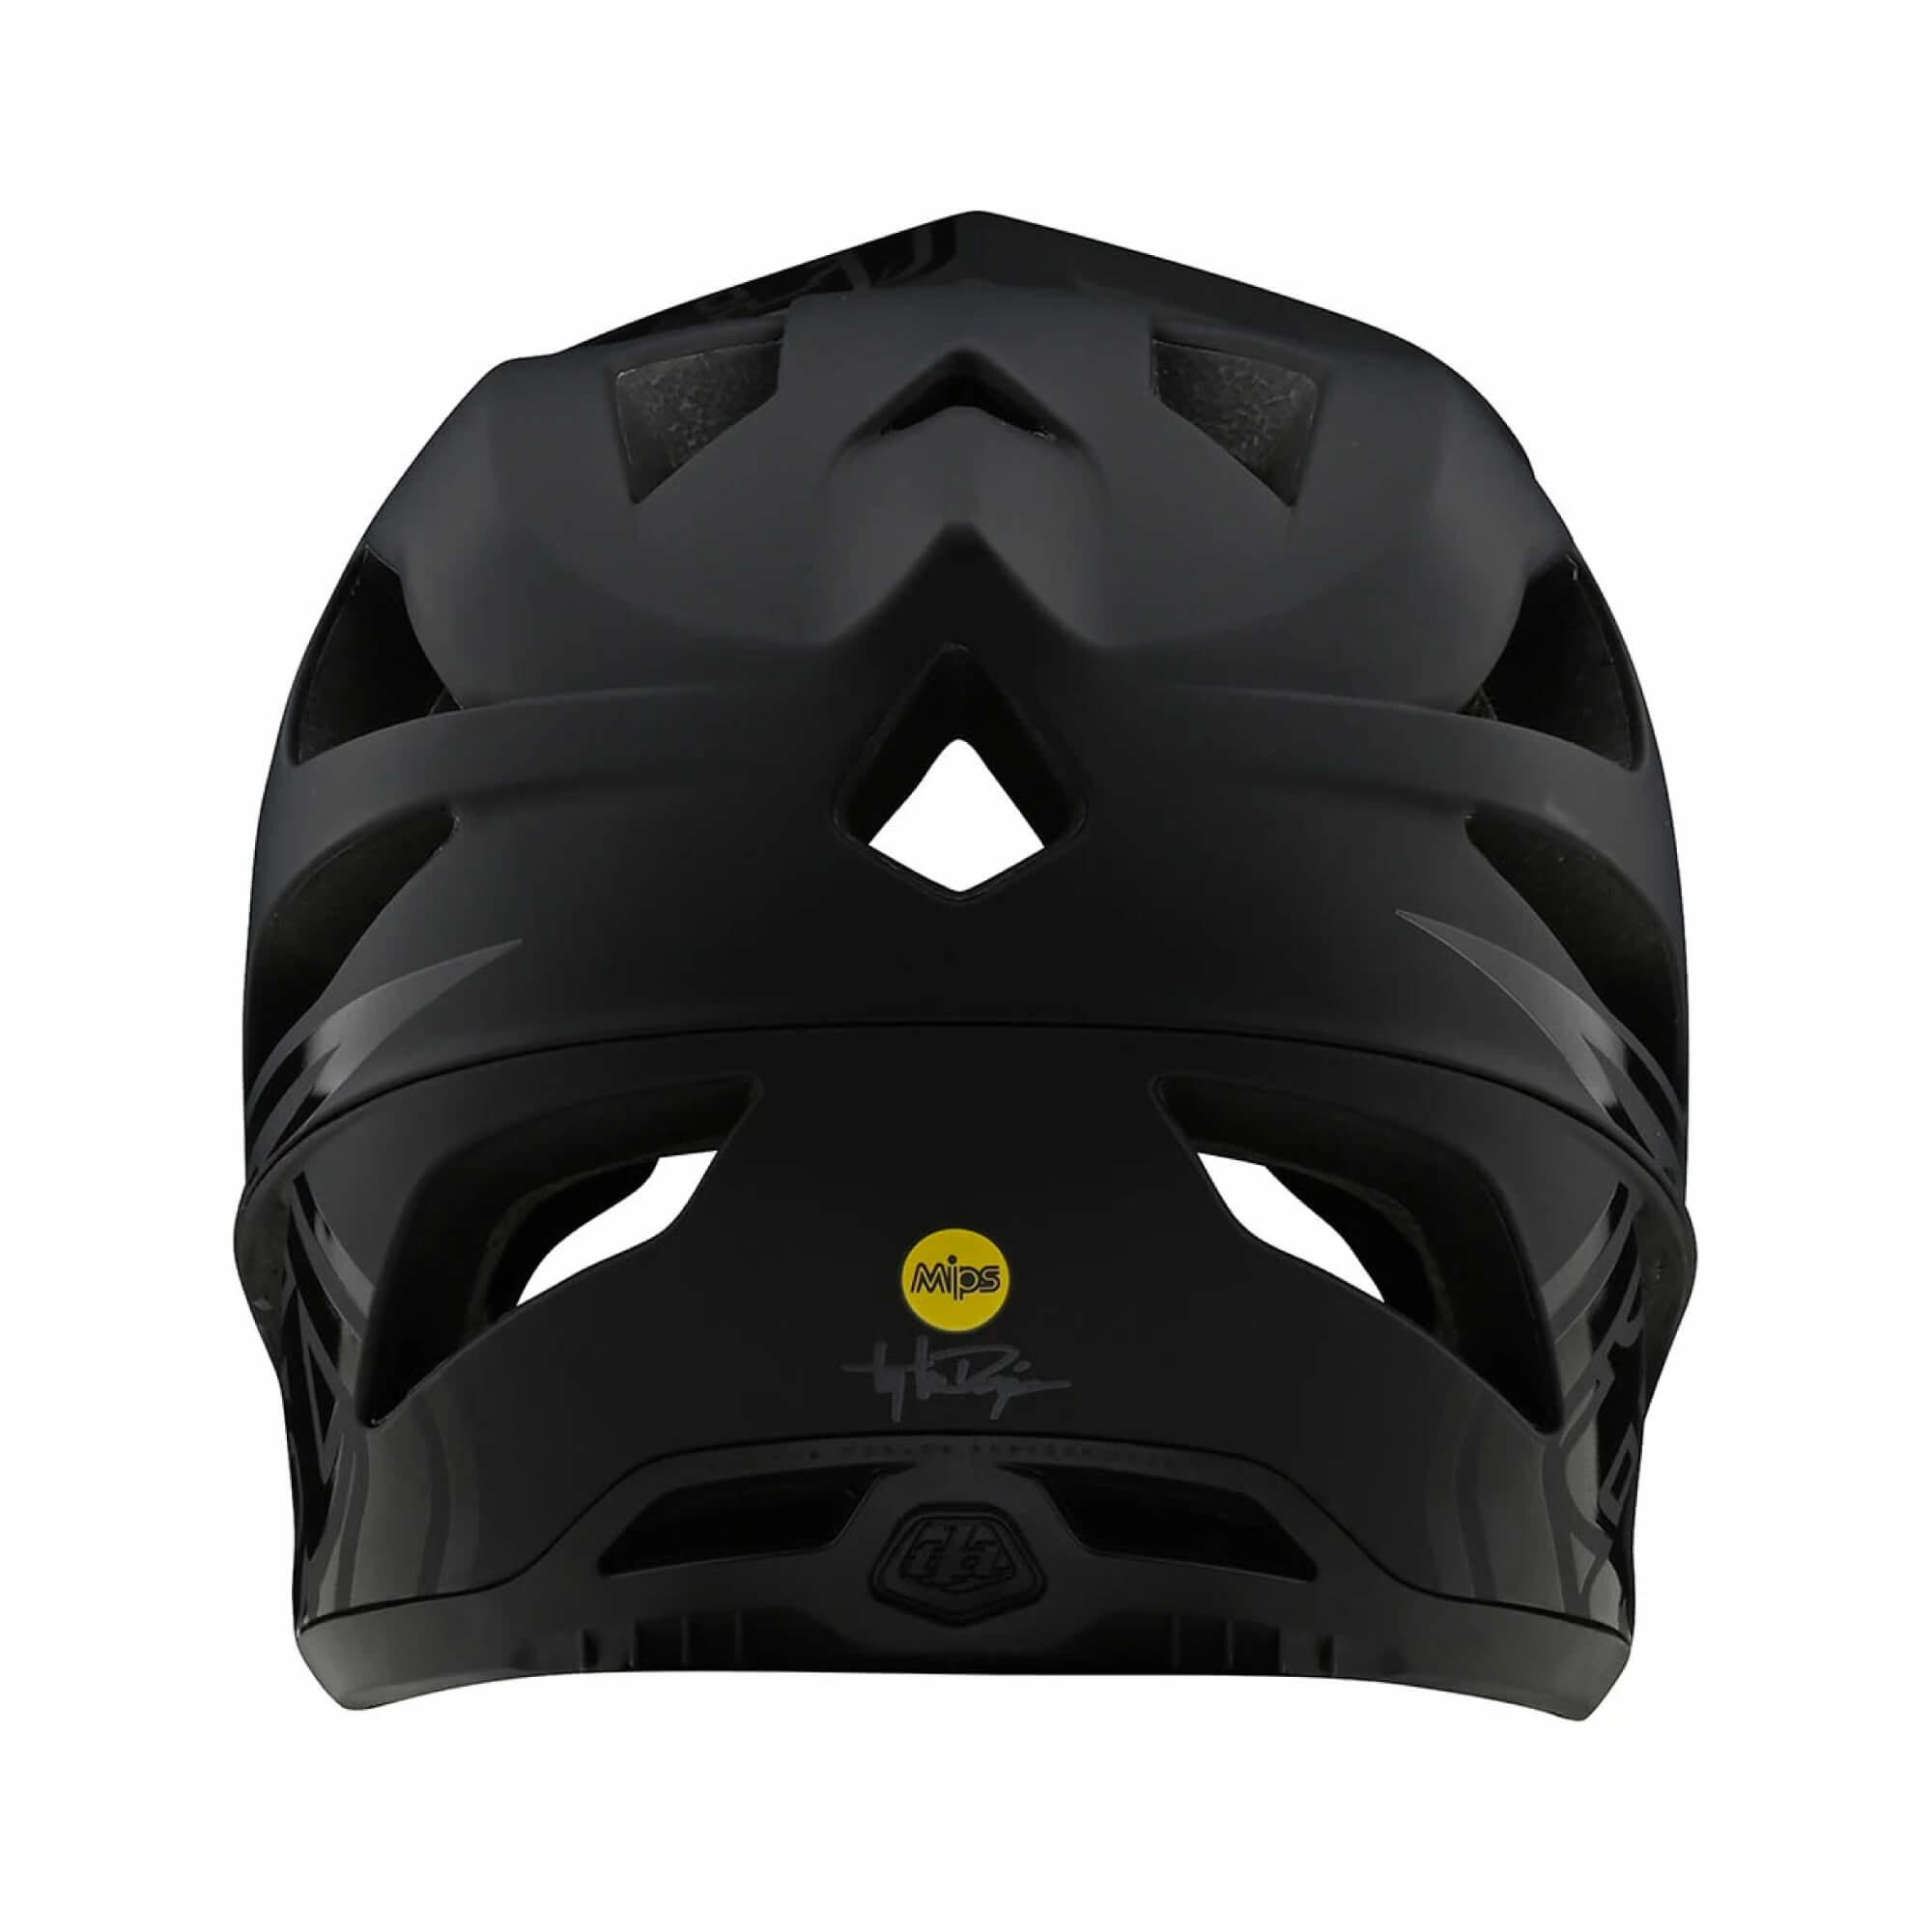 Stage As Mips Helmet 2021-3